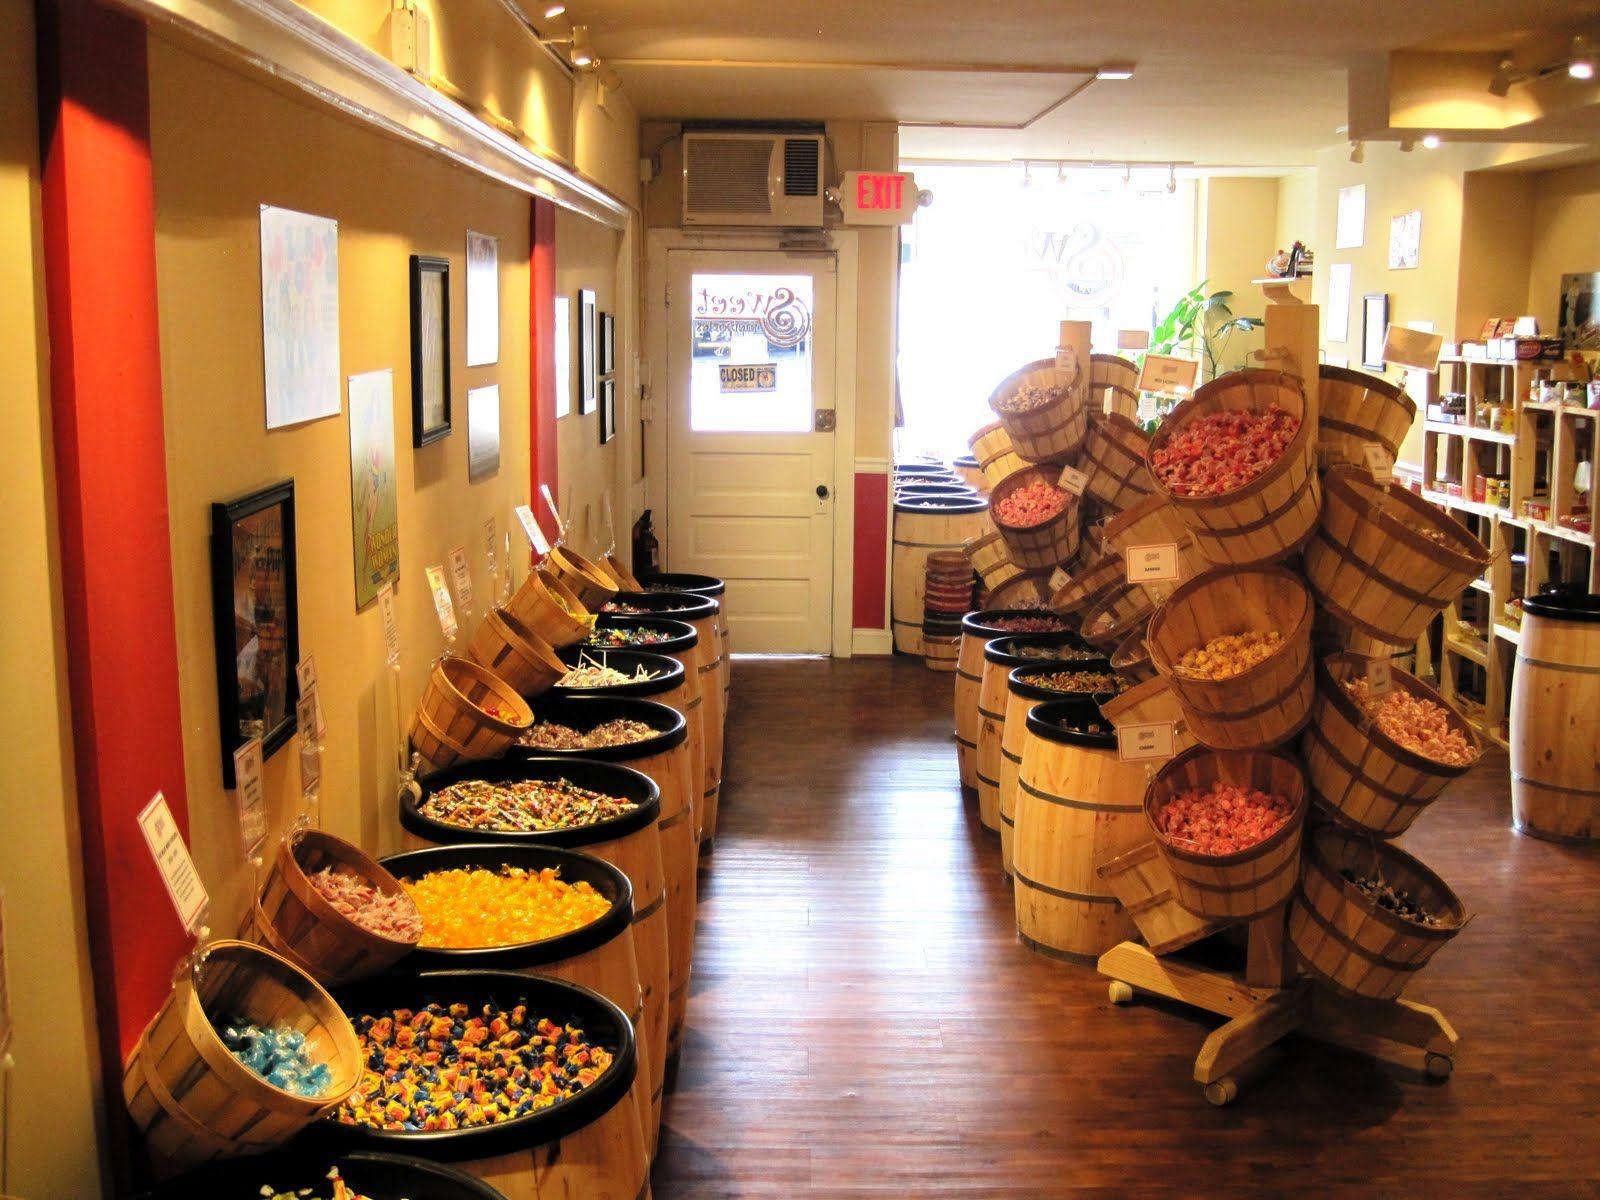 Wooden Barrel Displays, General Store Displays, Wooden